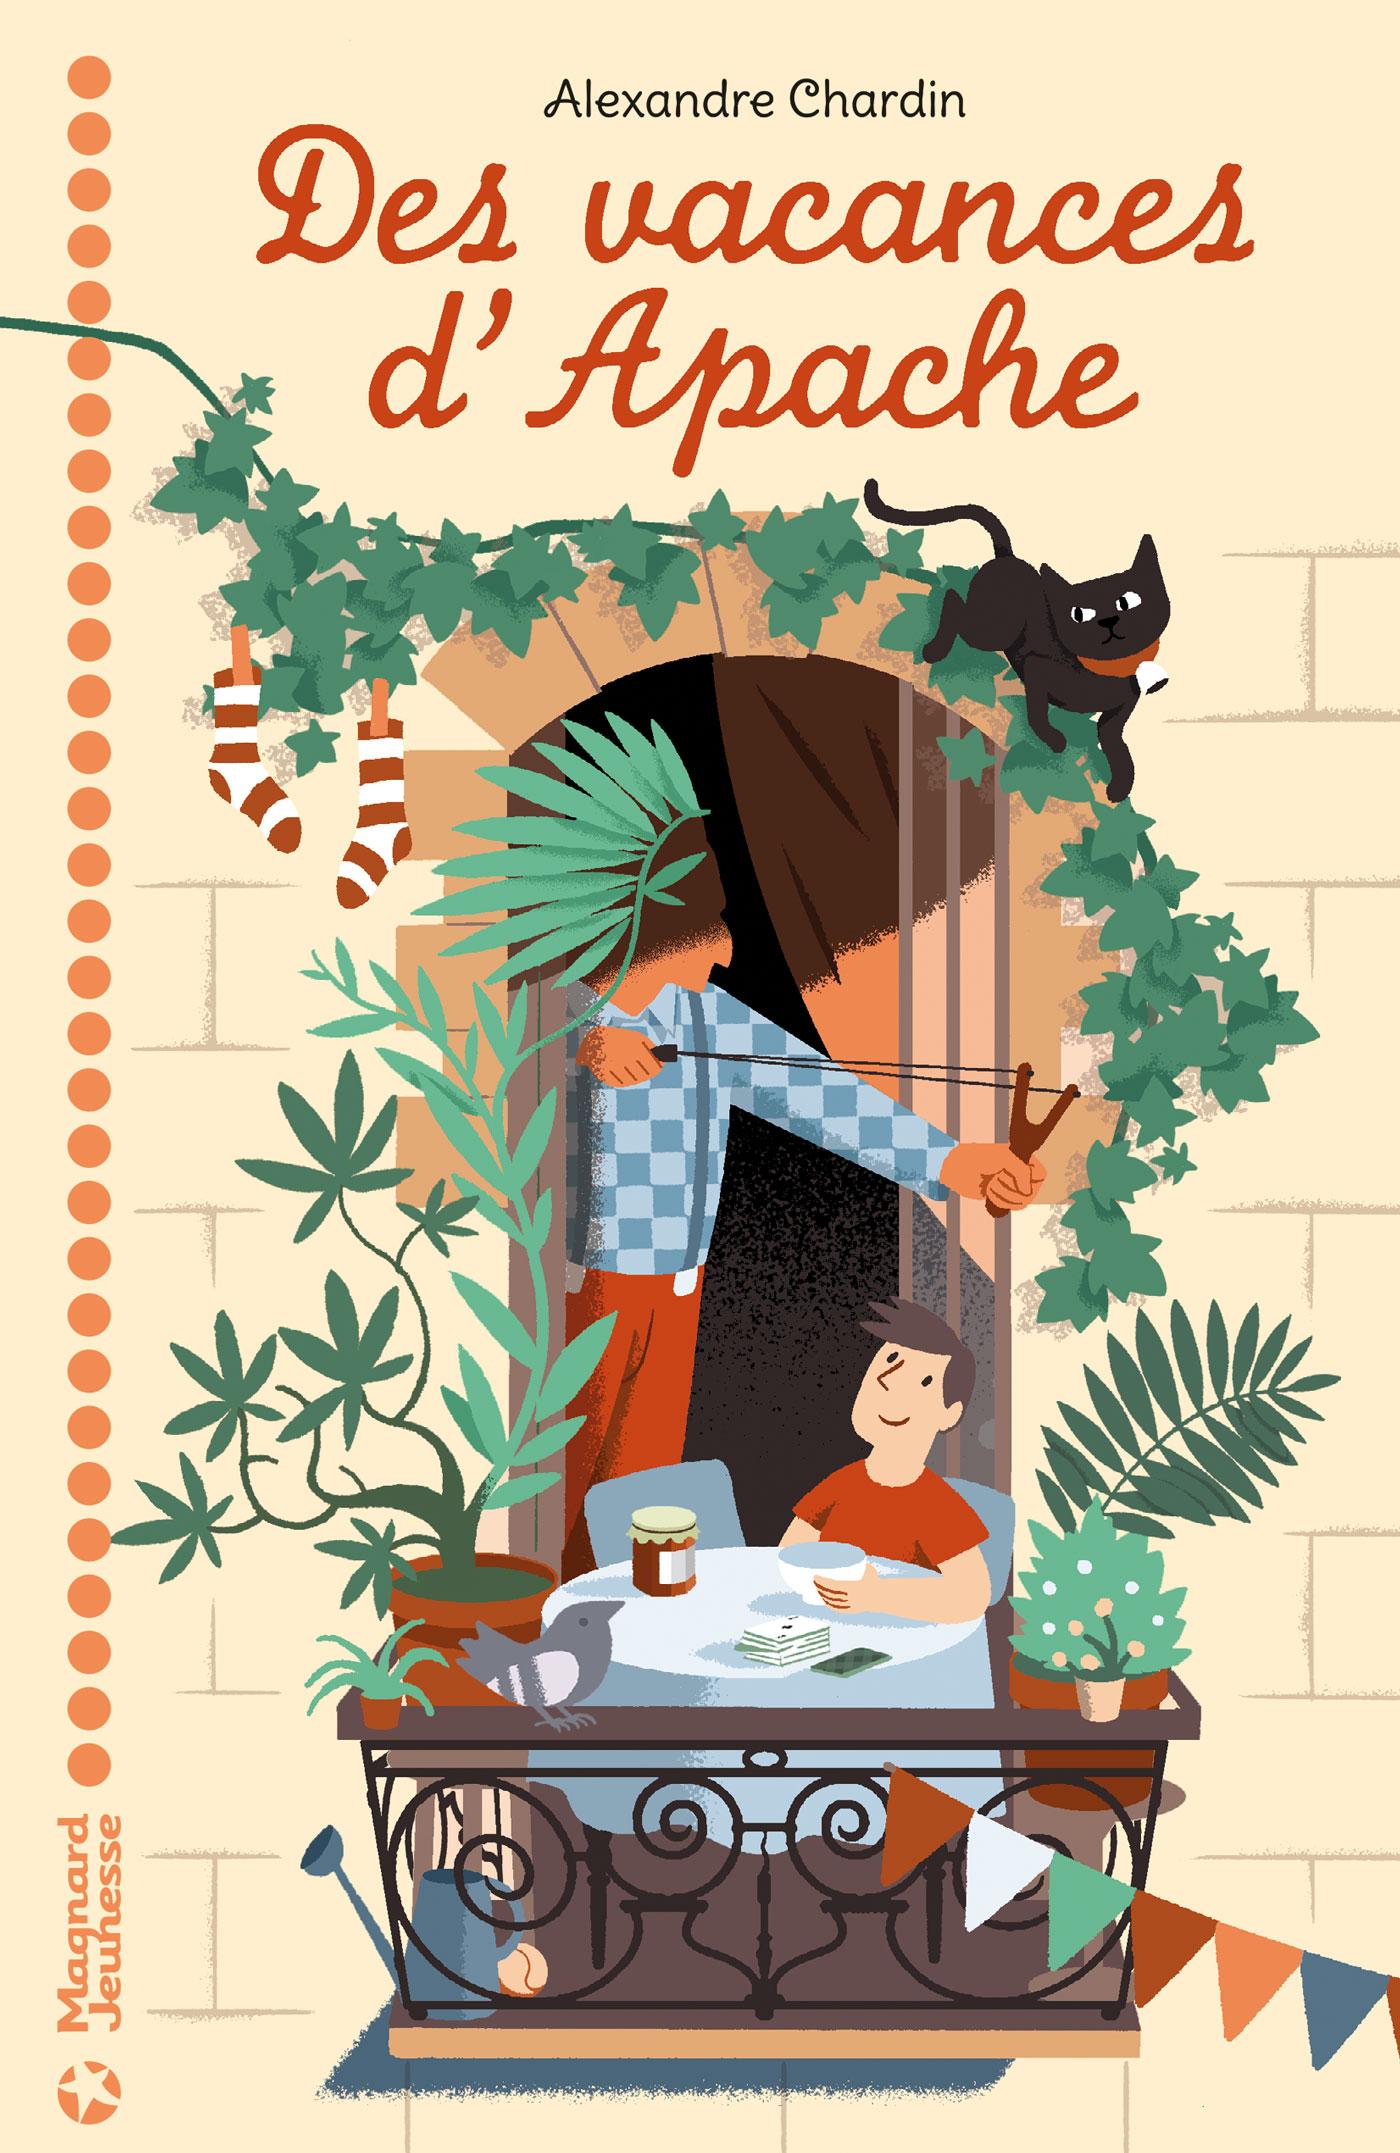 Des vacances d'Apache de Alexandre Chardin - Editions Magnard jeunesse, mars 2017